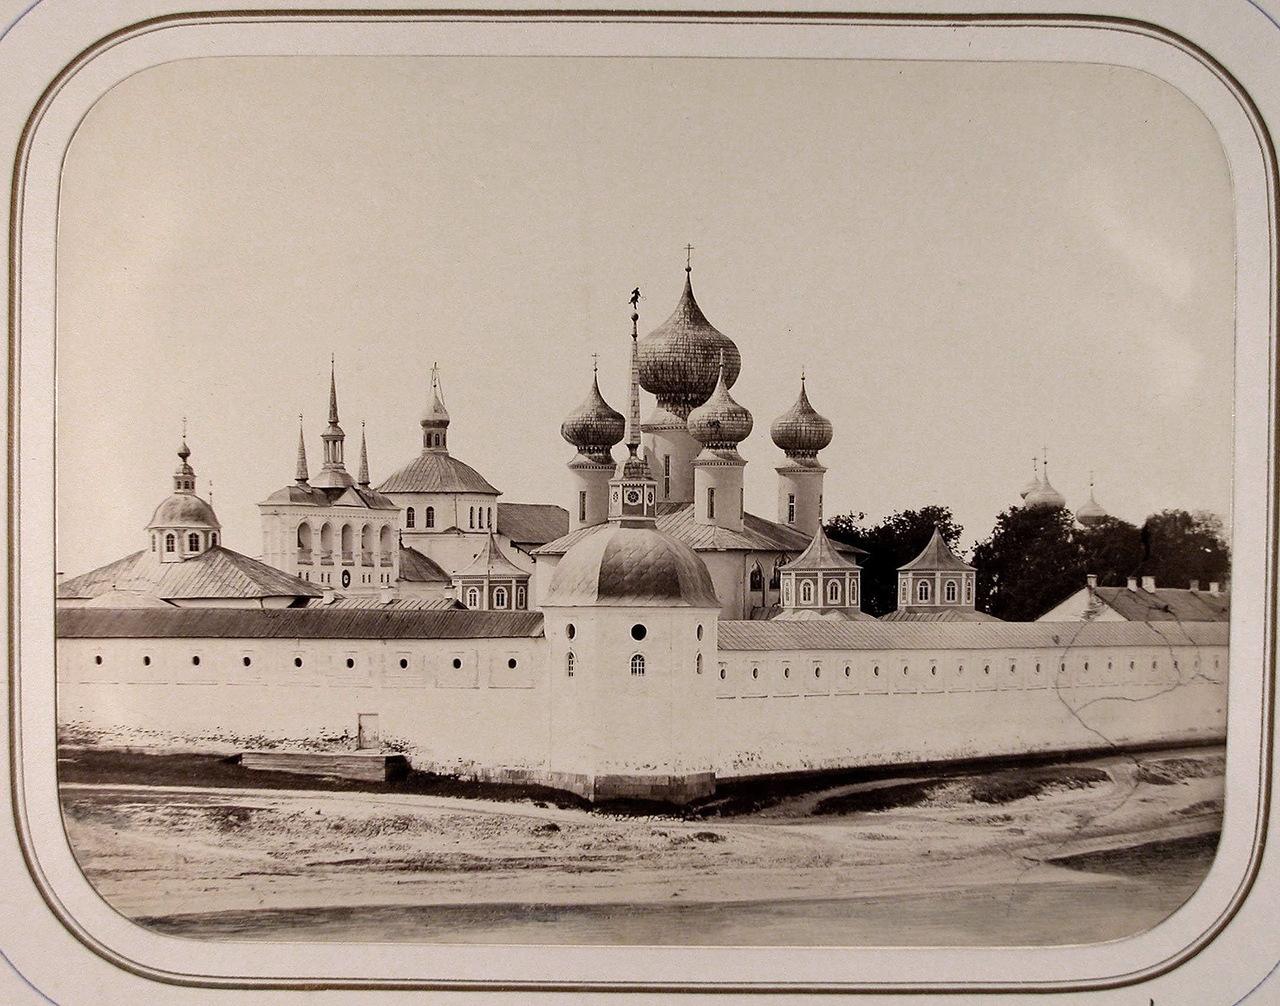 Вид на Успенский (Богородицкий, Большой) Тихвинский мужской монастырь (вид со стороны больницы ведомства путей сообщения)